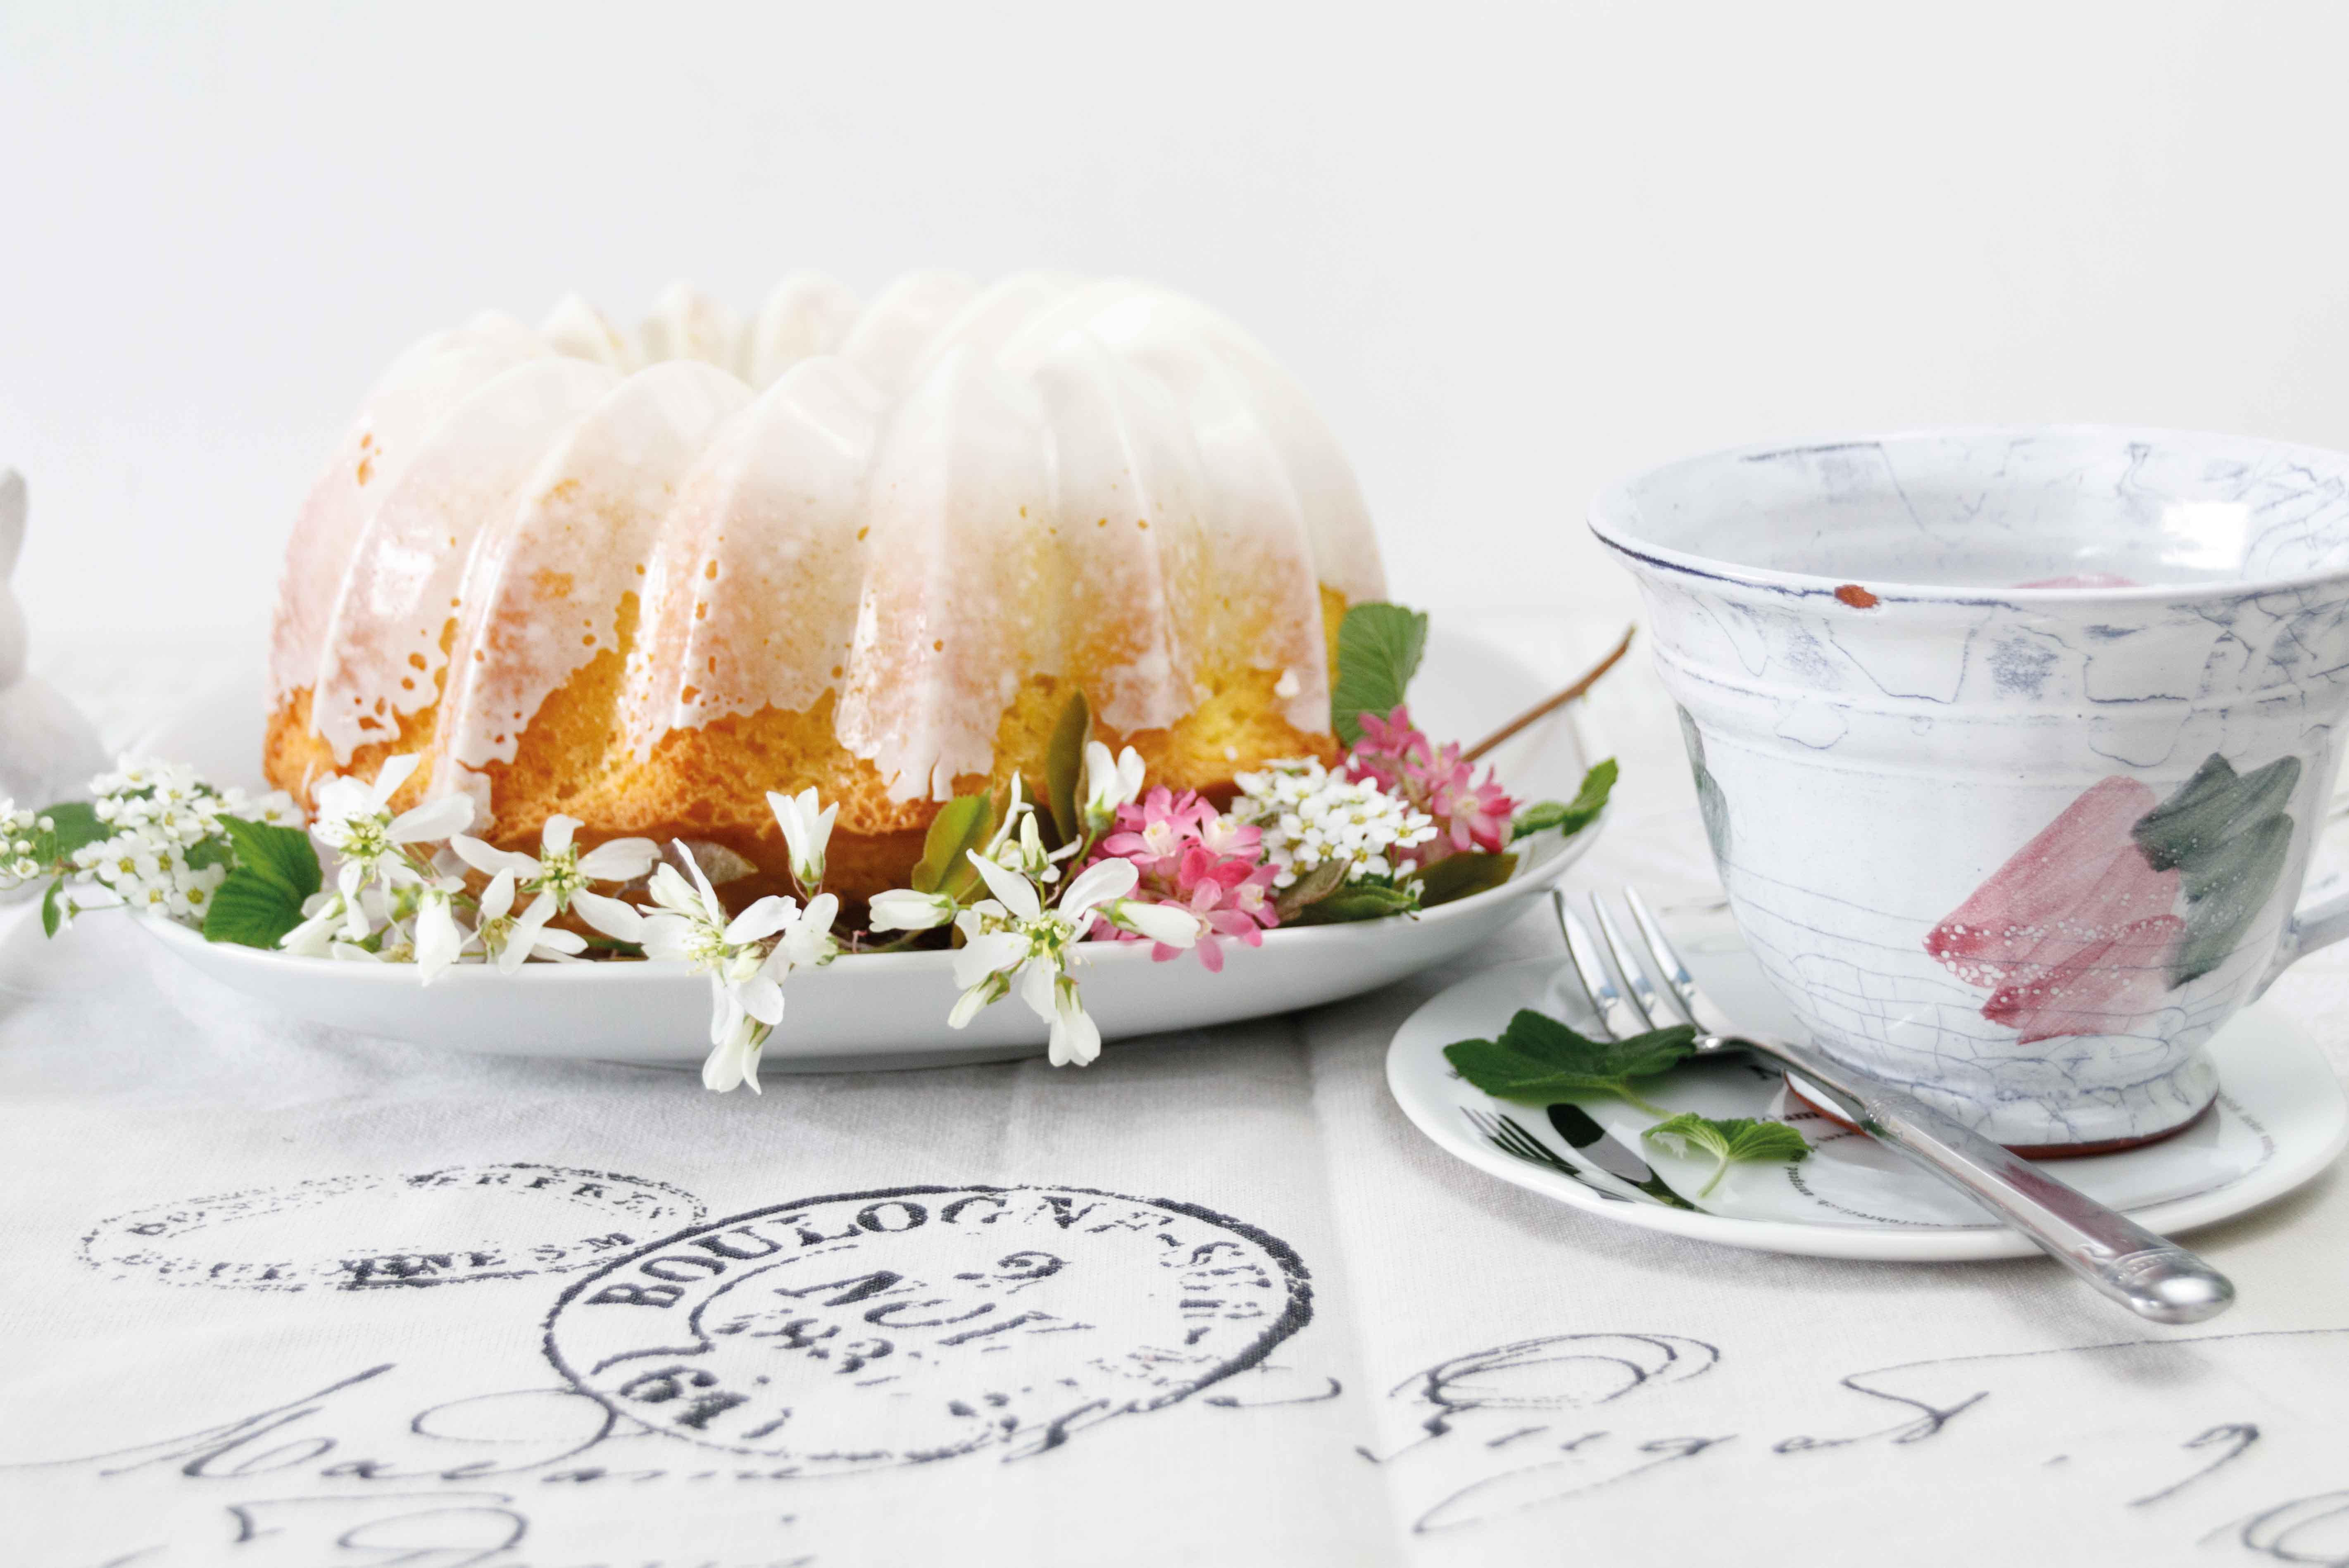 Tipps für Ostern: Eierlikör Sandkuchen // Ideas for Easter: Eggnog Cake by http://babyrockmyday.com/eierlikoer-sandkuchen/